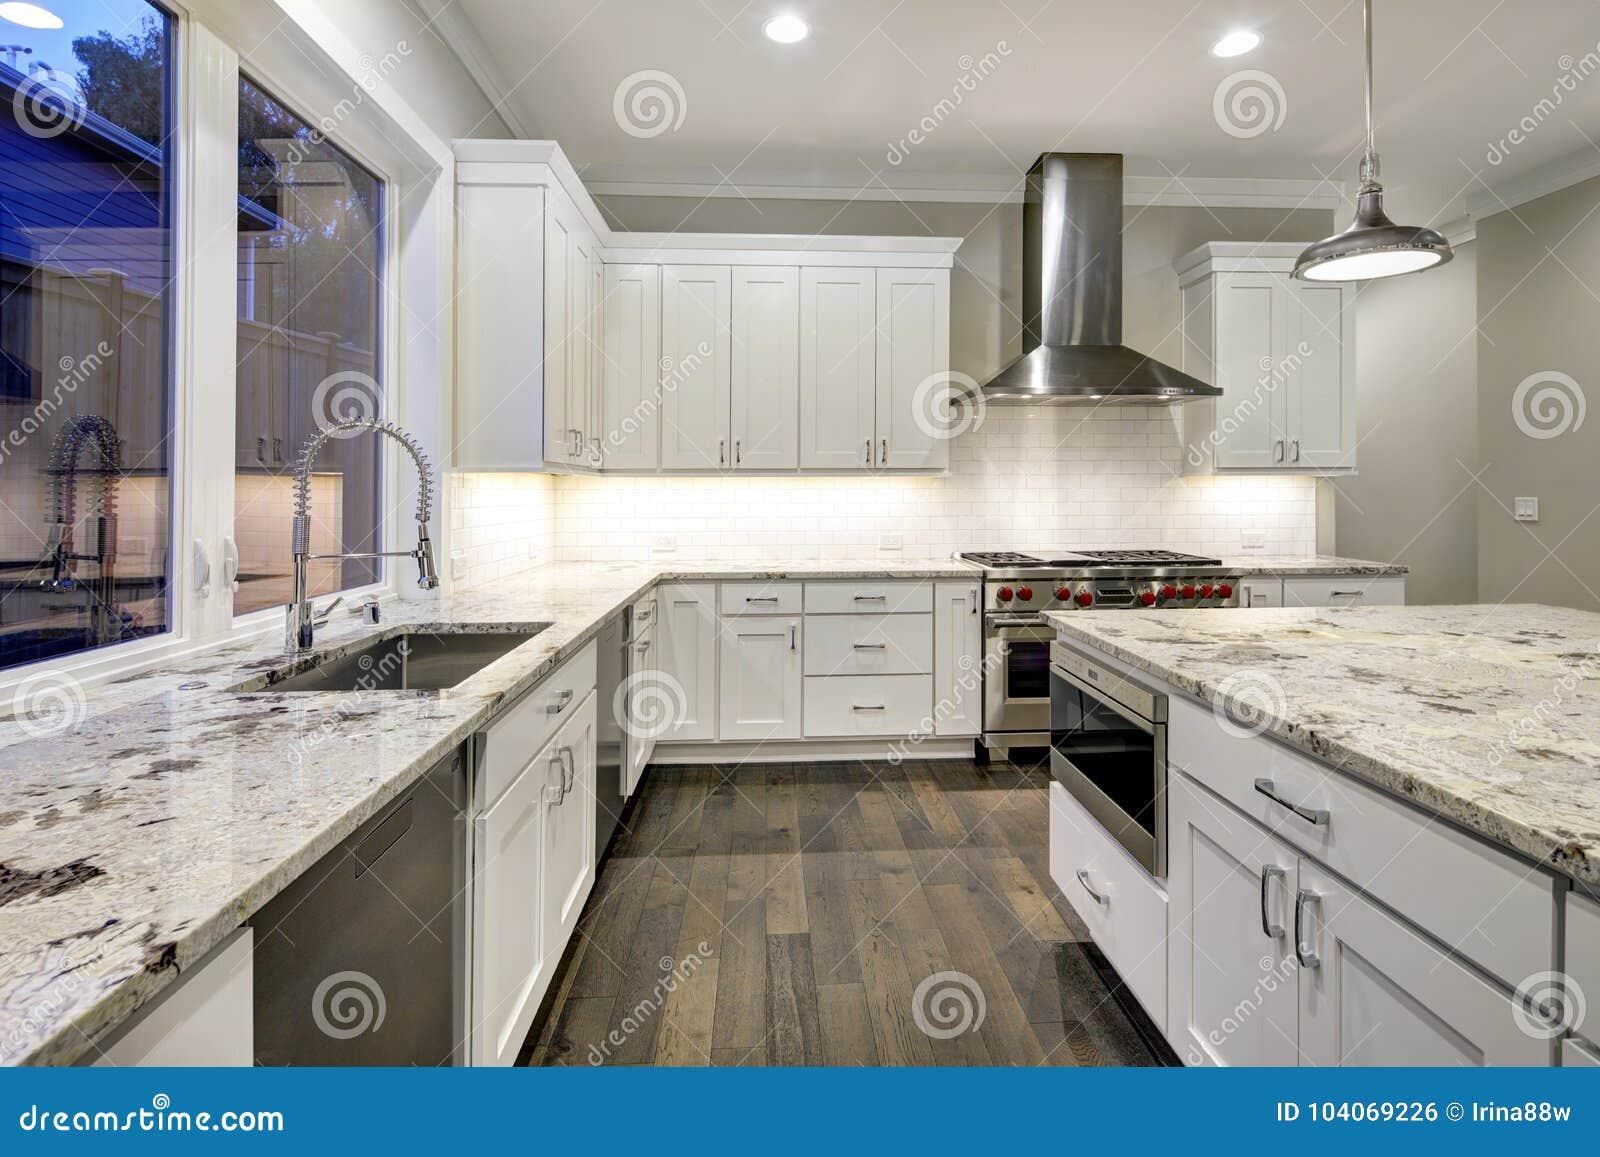 310bb19f86cfc4 Grande, spacieuse conception de cuisine avec les buffets blancs, île de  cuisine blanche avec un bon nombre de stockage, partie supérieure du  comptoir ...